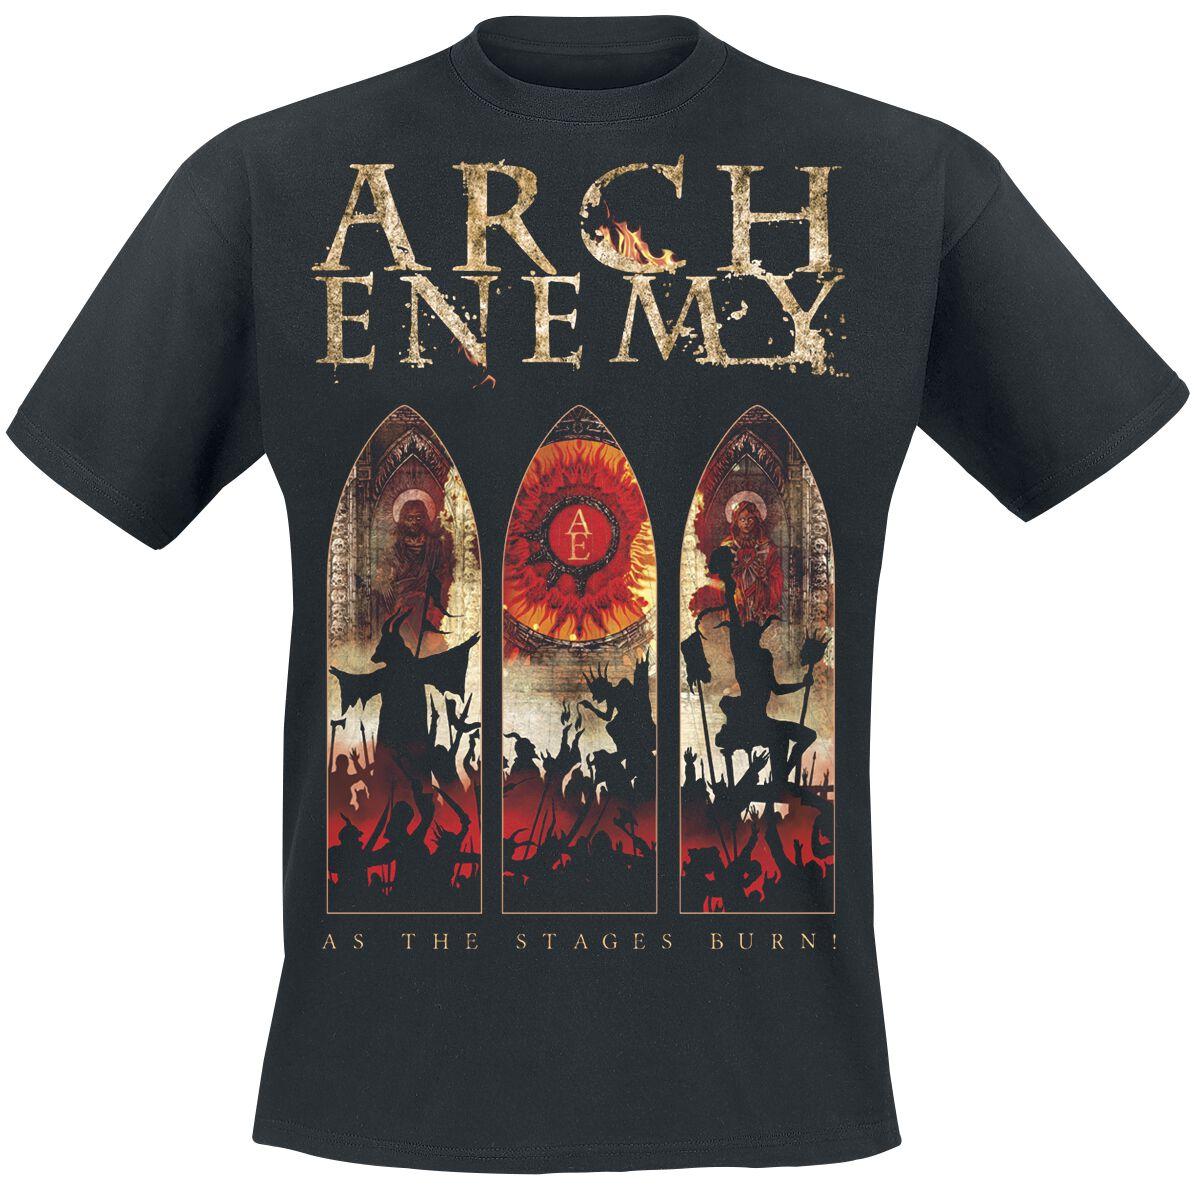 Zespoły - Koszulki - T-Shirt Arch Enemy As The Stages Burn! - Tour 2017 T-Shirt czarny - 368115